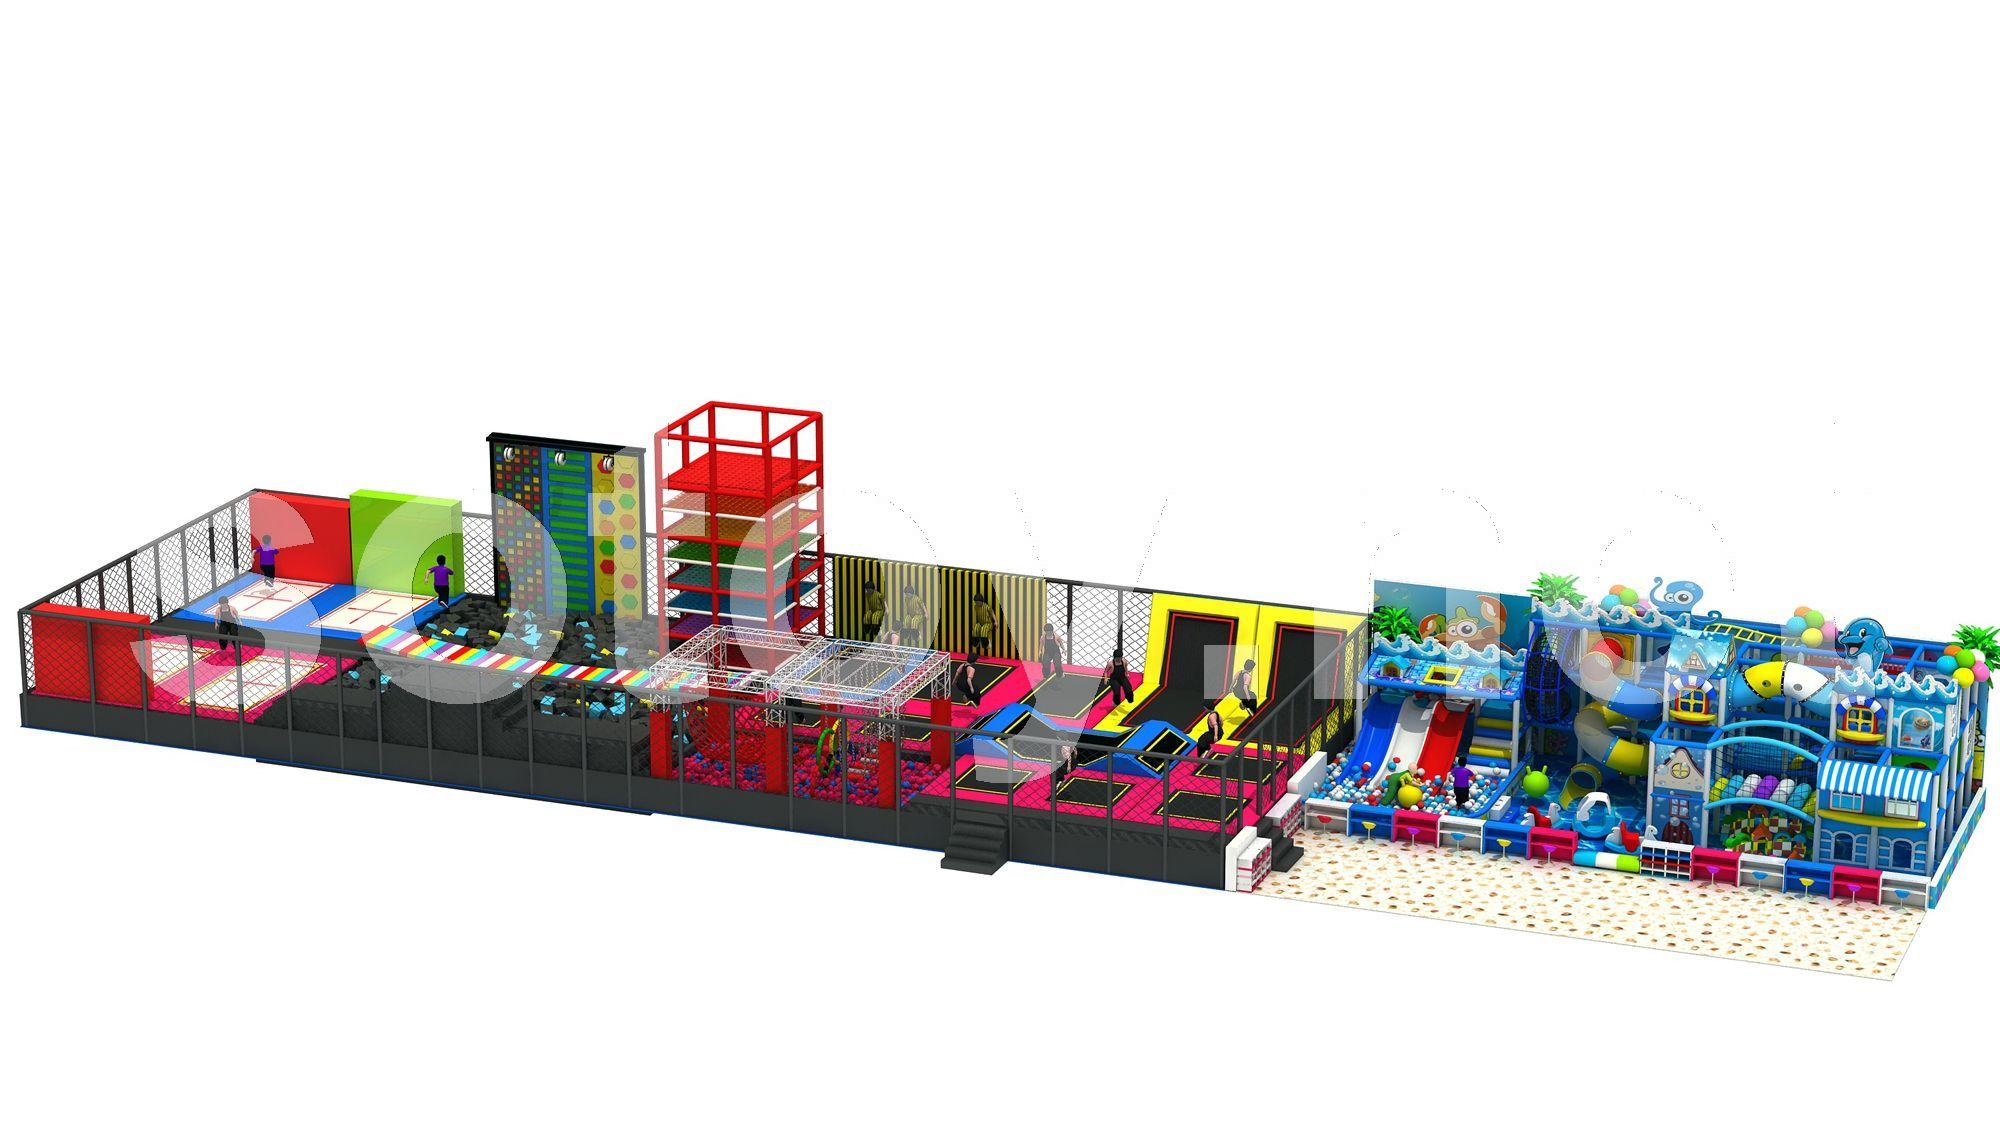 新型淘气堡大型蹦床儿童乐园厂家 定制